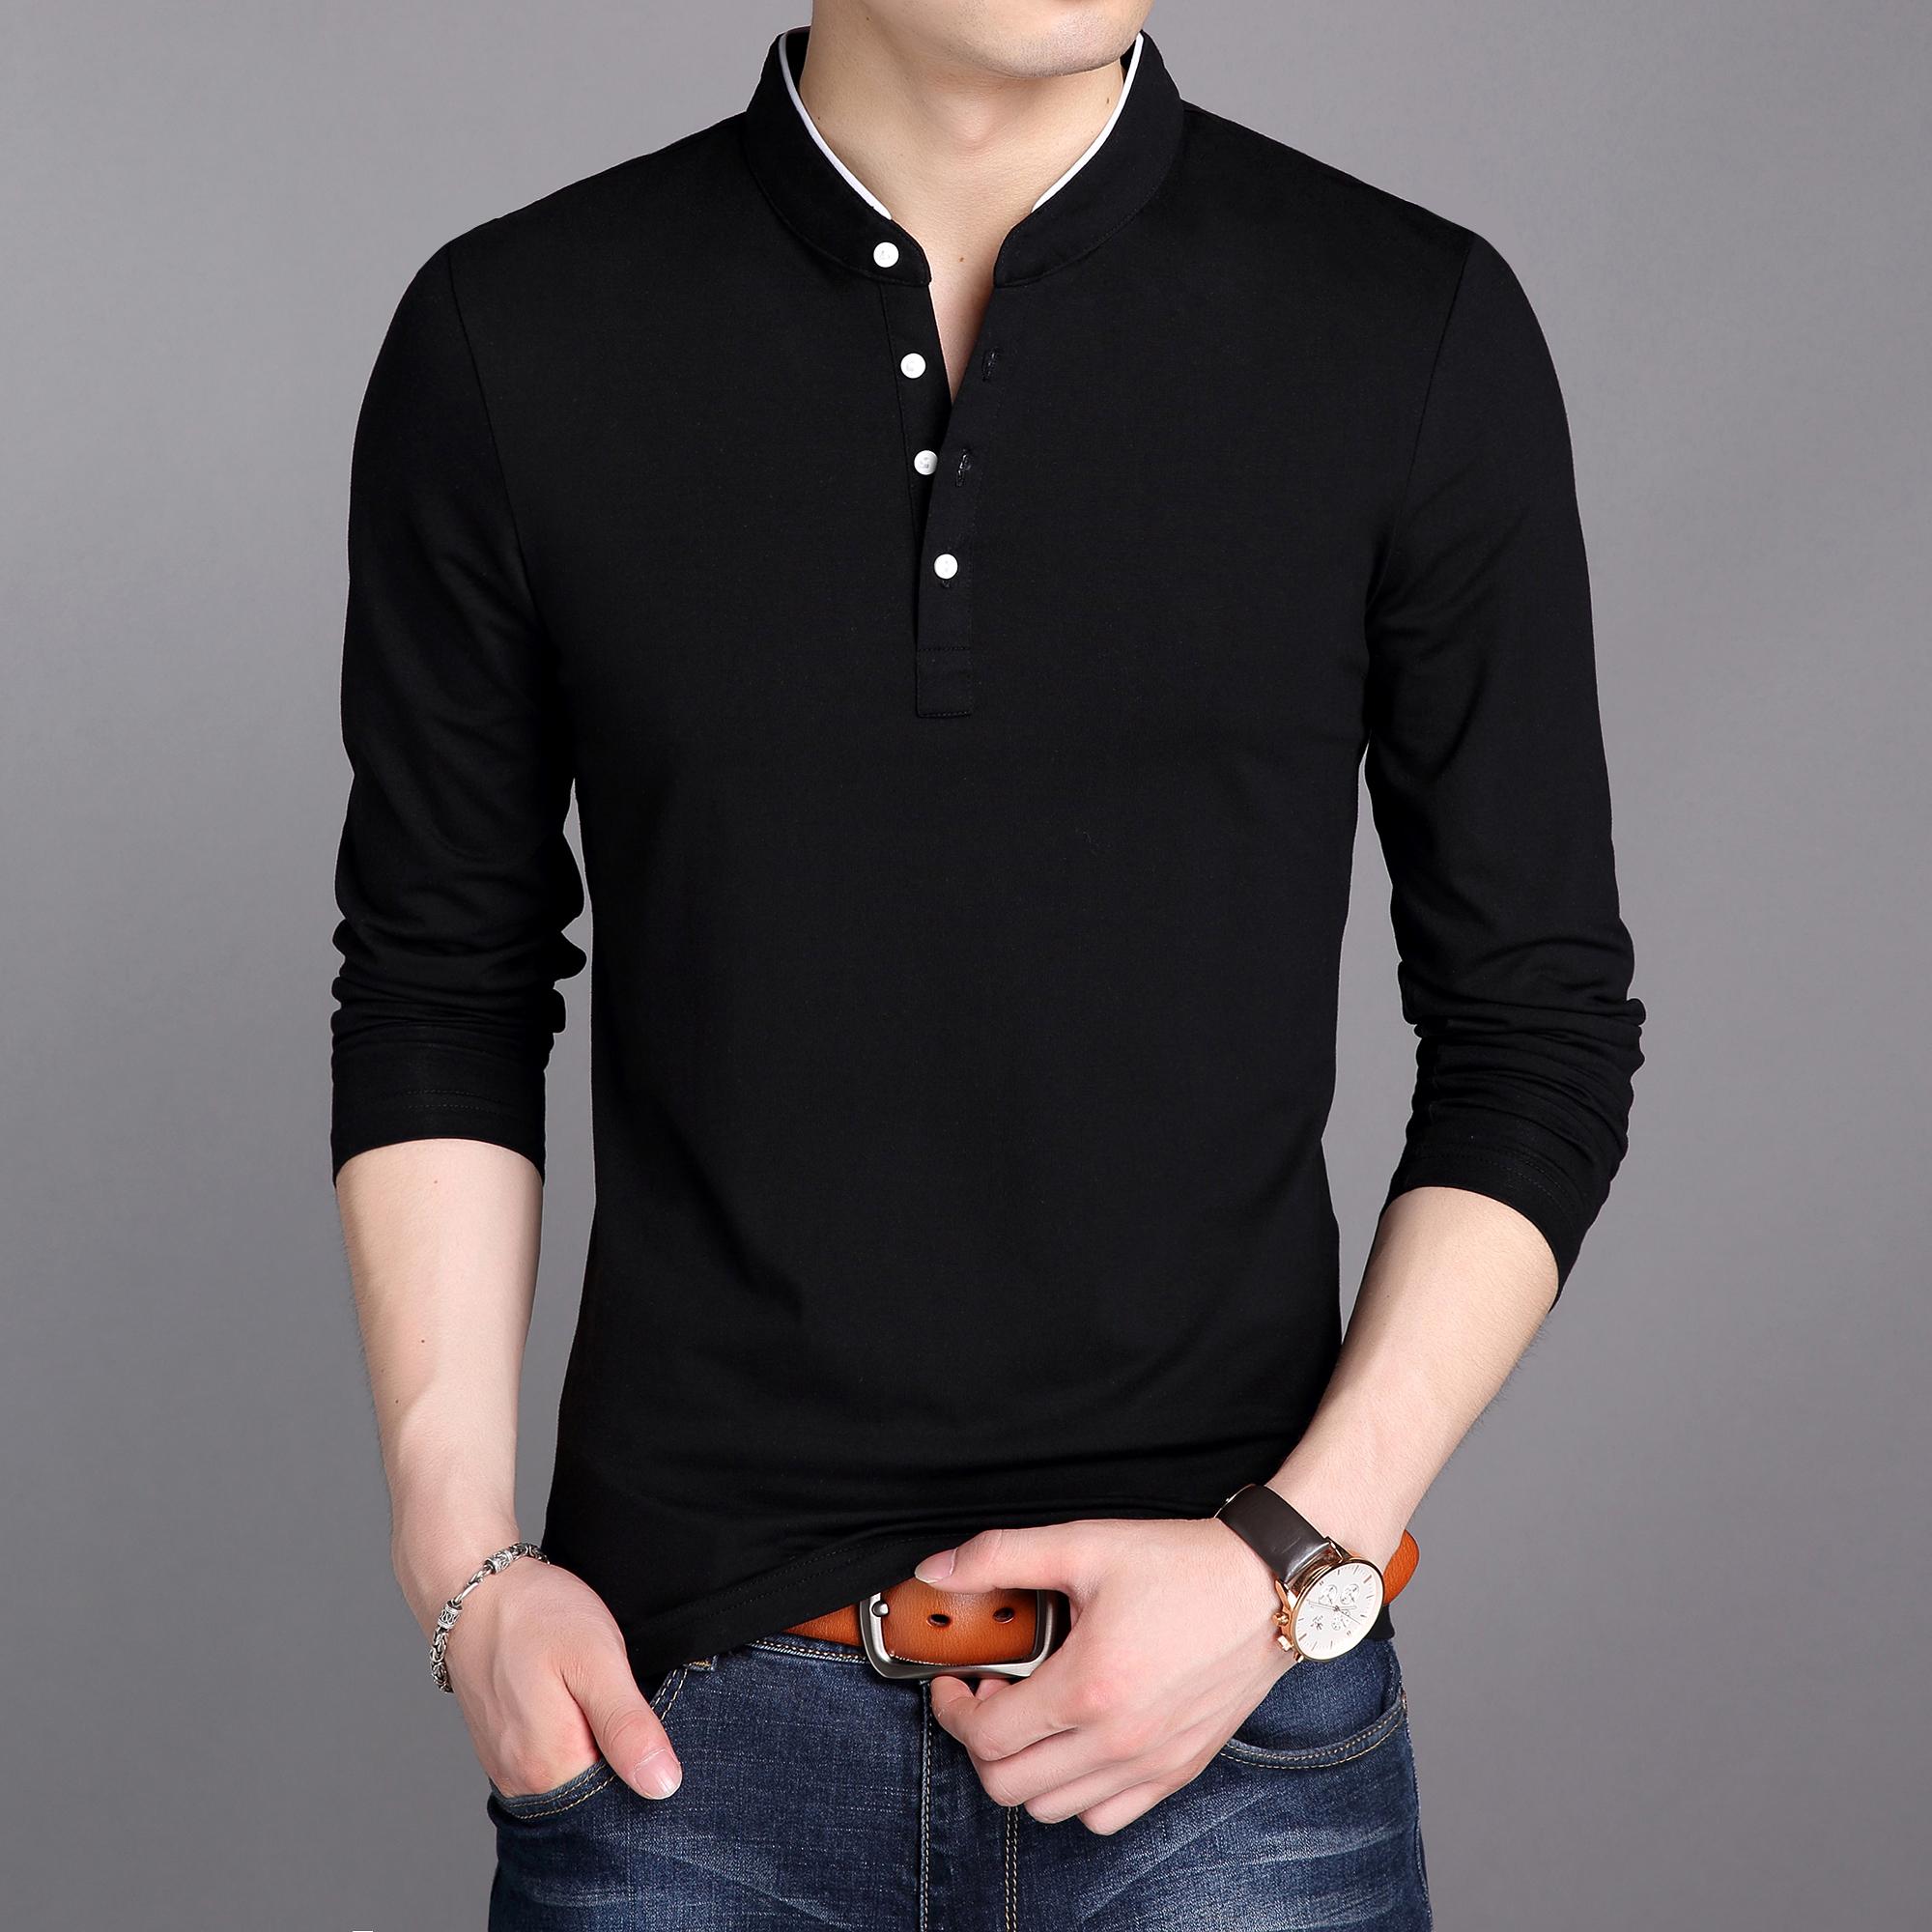 男式高级衬衣